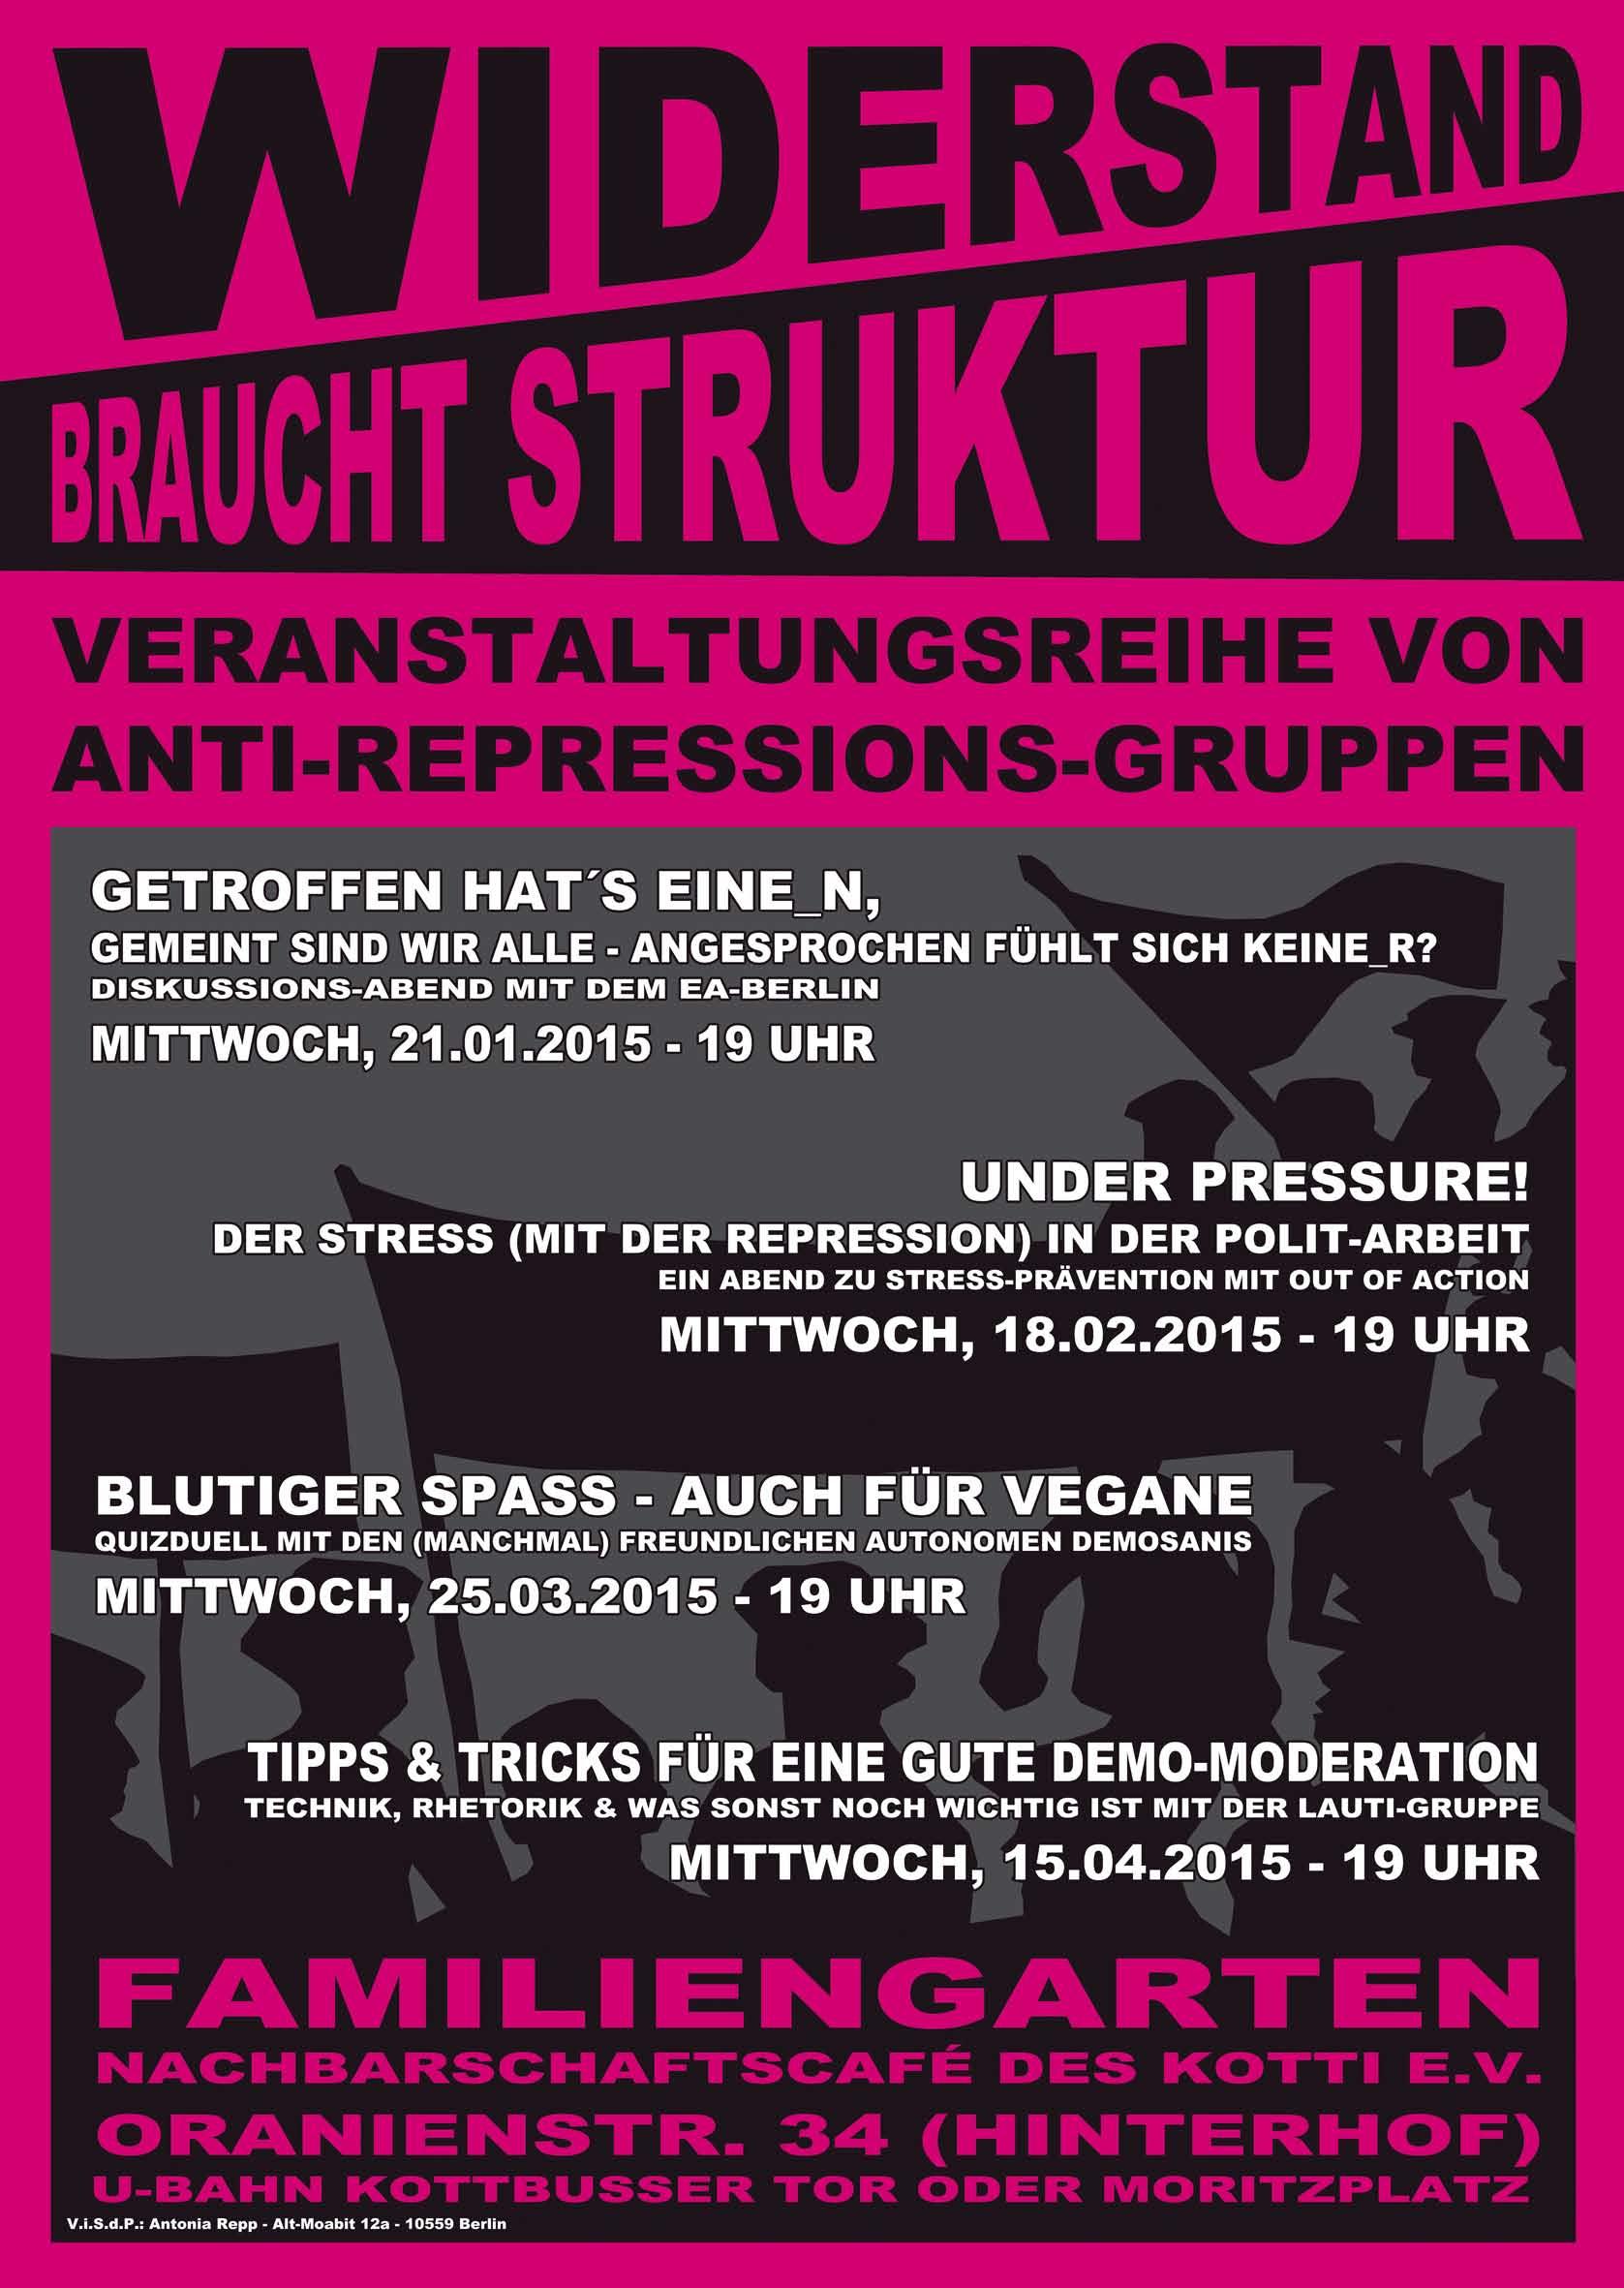 Plakat der Veranstaltungsreihe Widerstand bracht Struktur